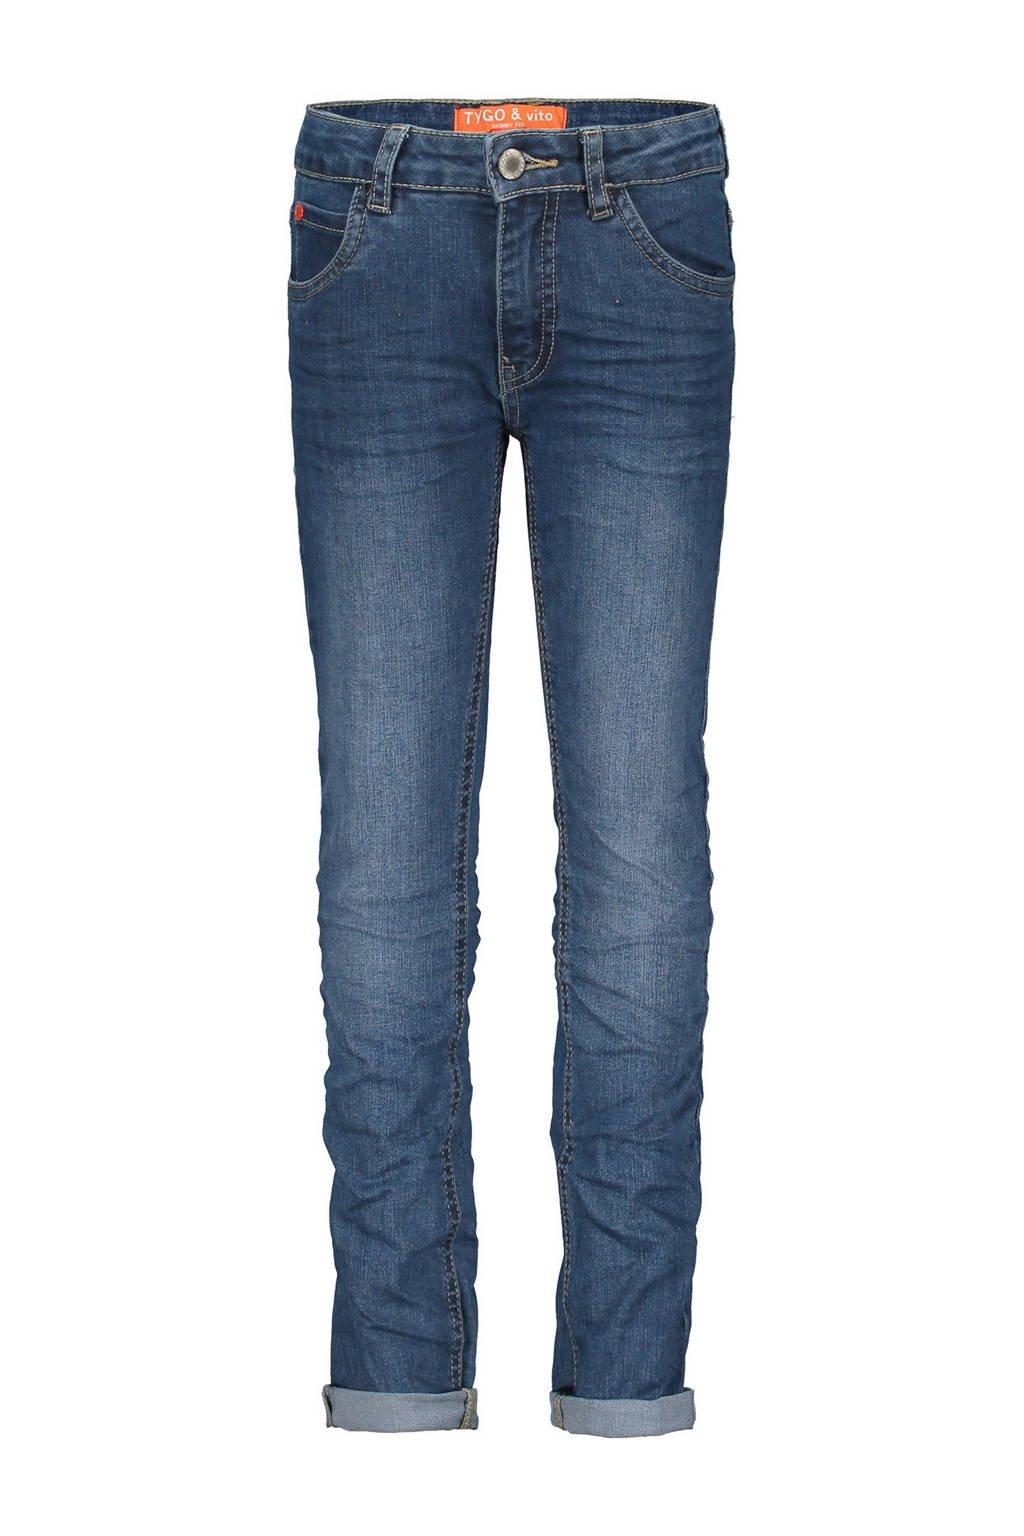 TYGO & vito jeans, Dark denim vintage